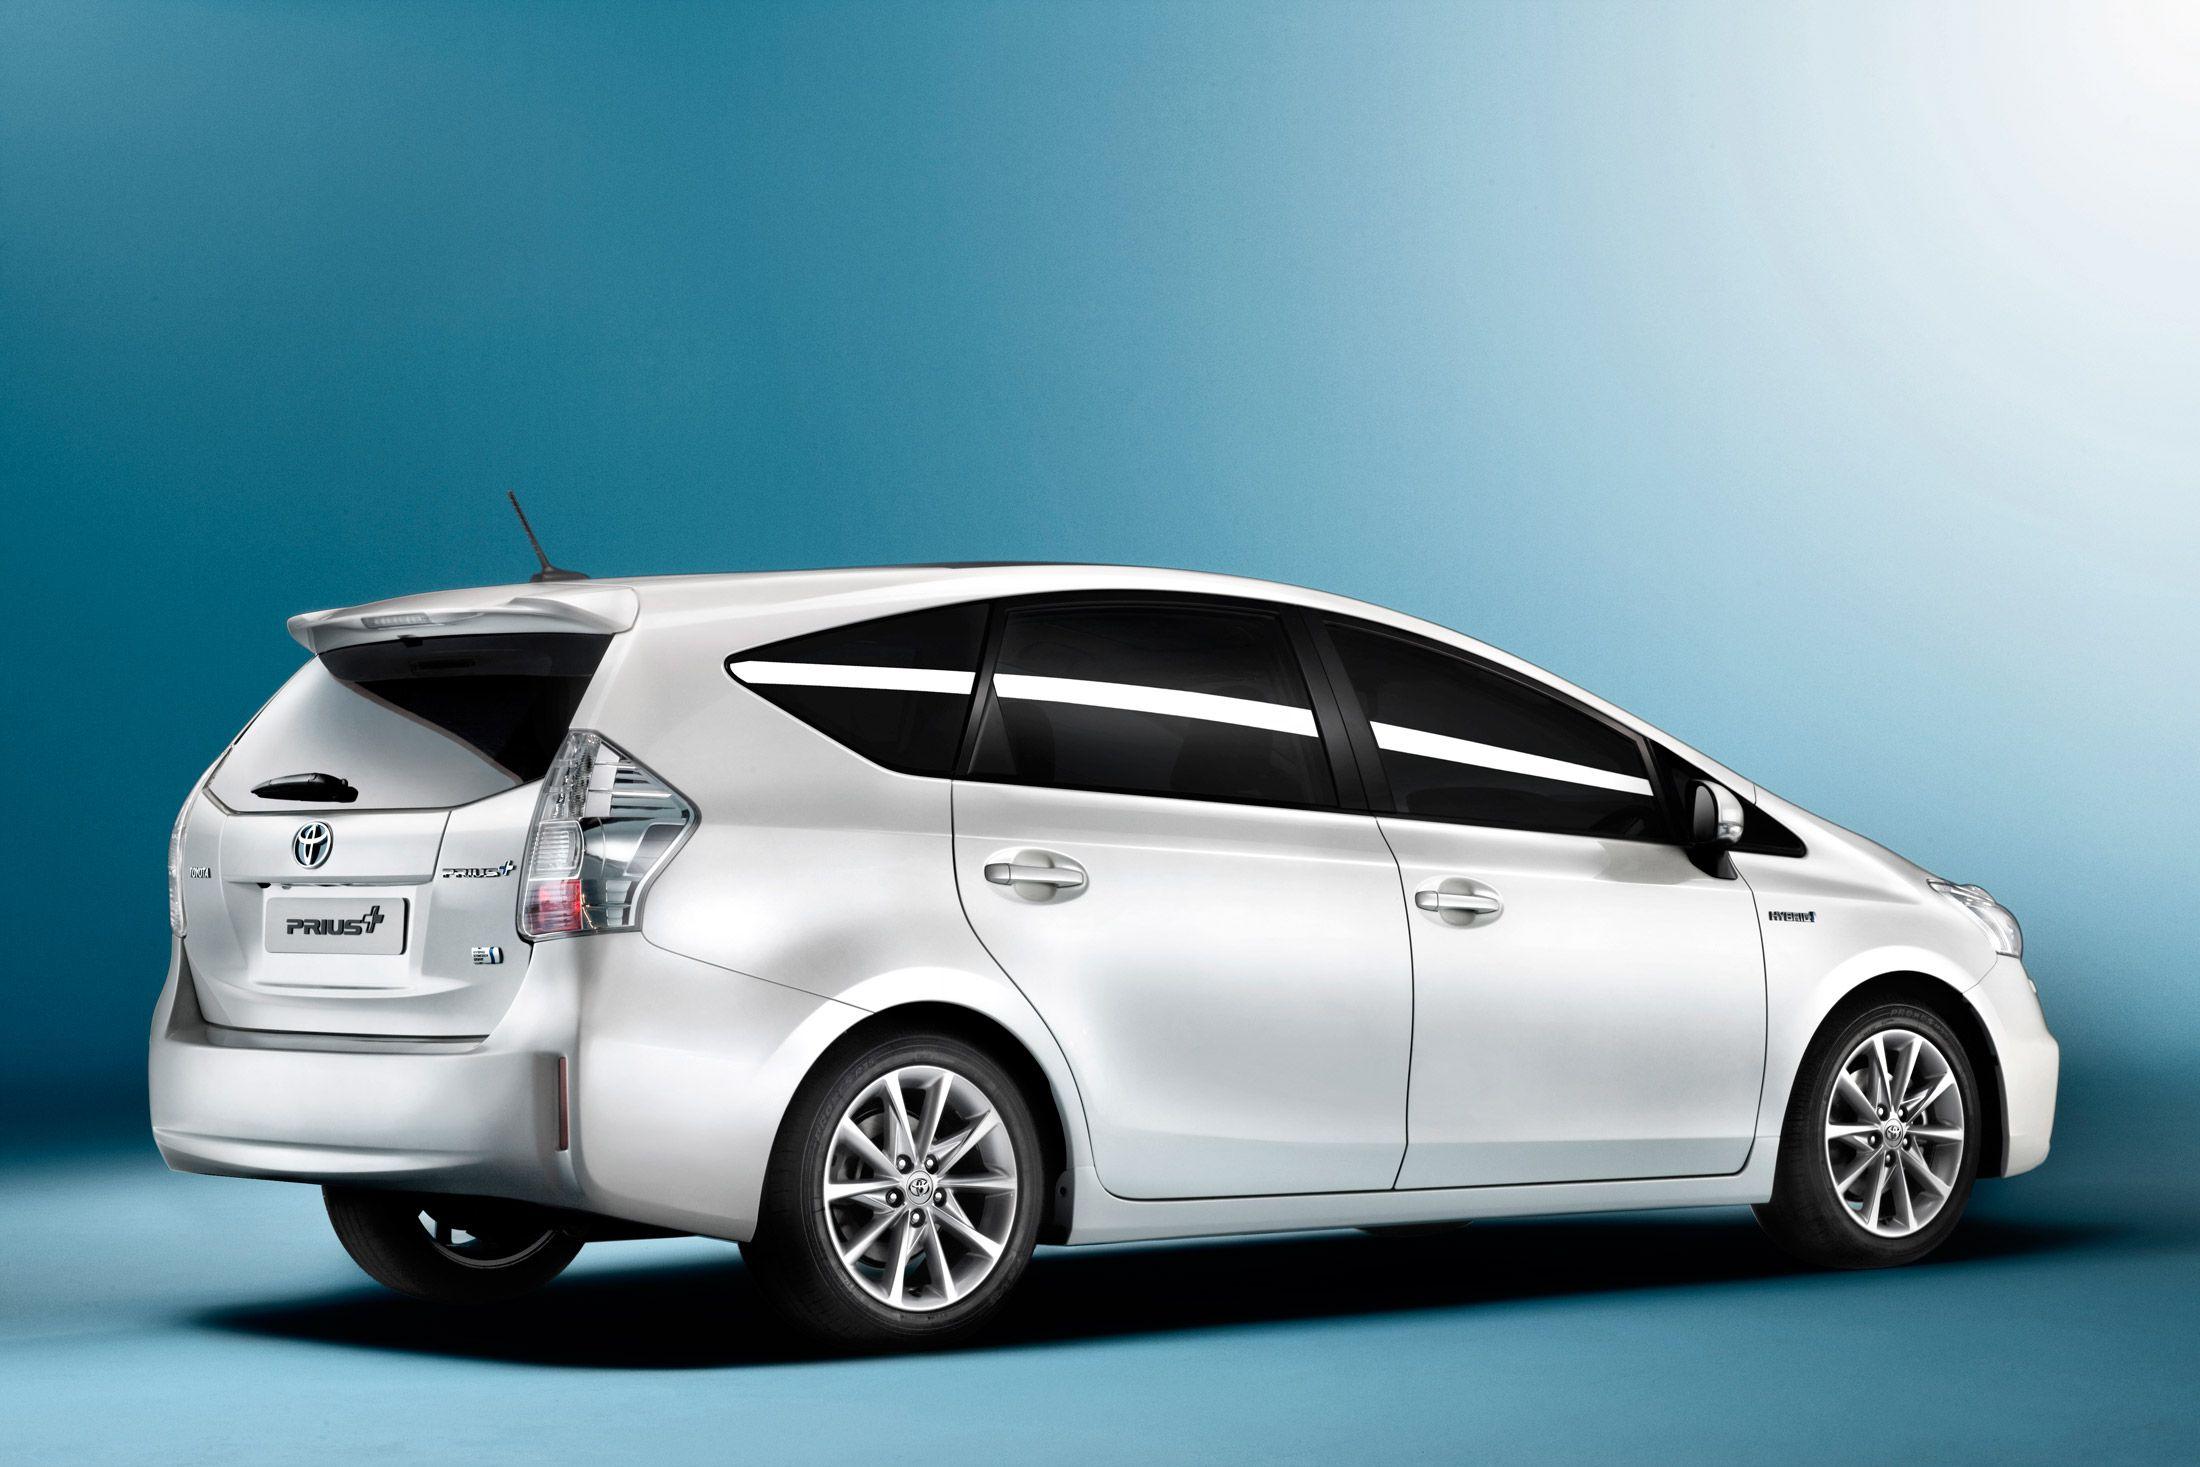 Image For Full Hybrid Toyota Prius Mpv Toyota Prius Toyota Prius